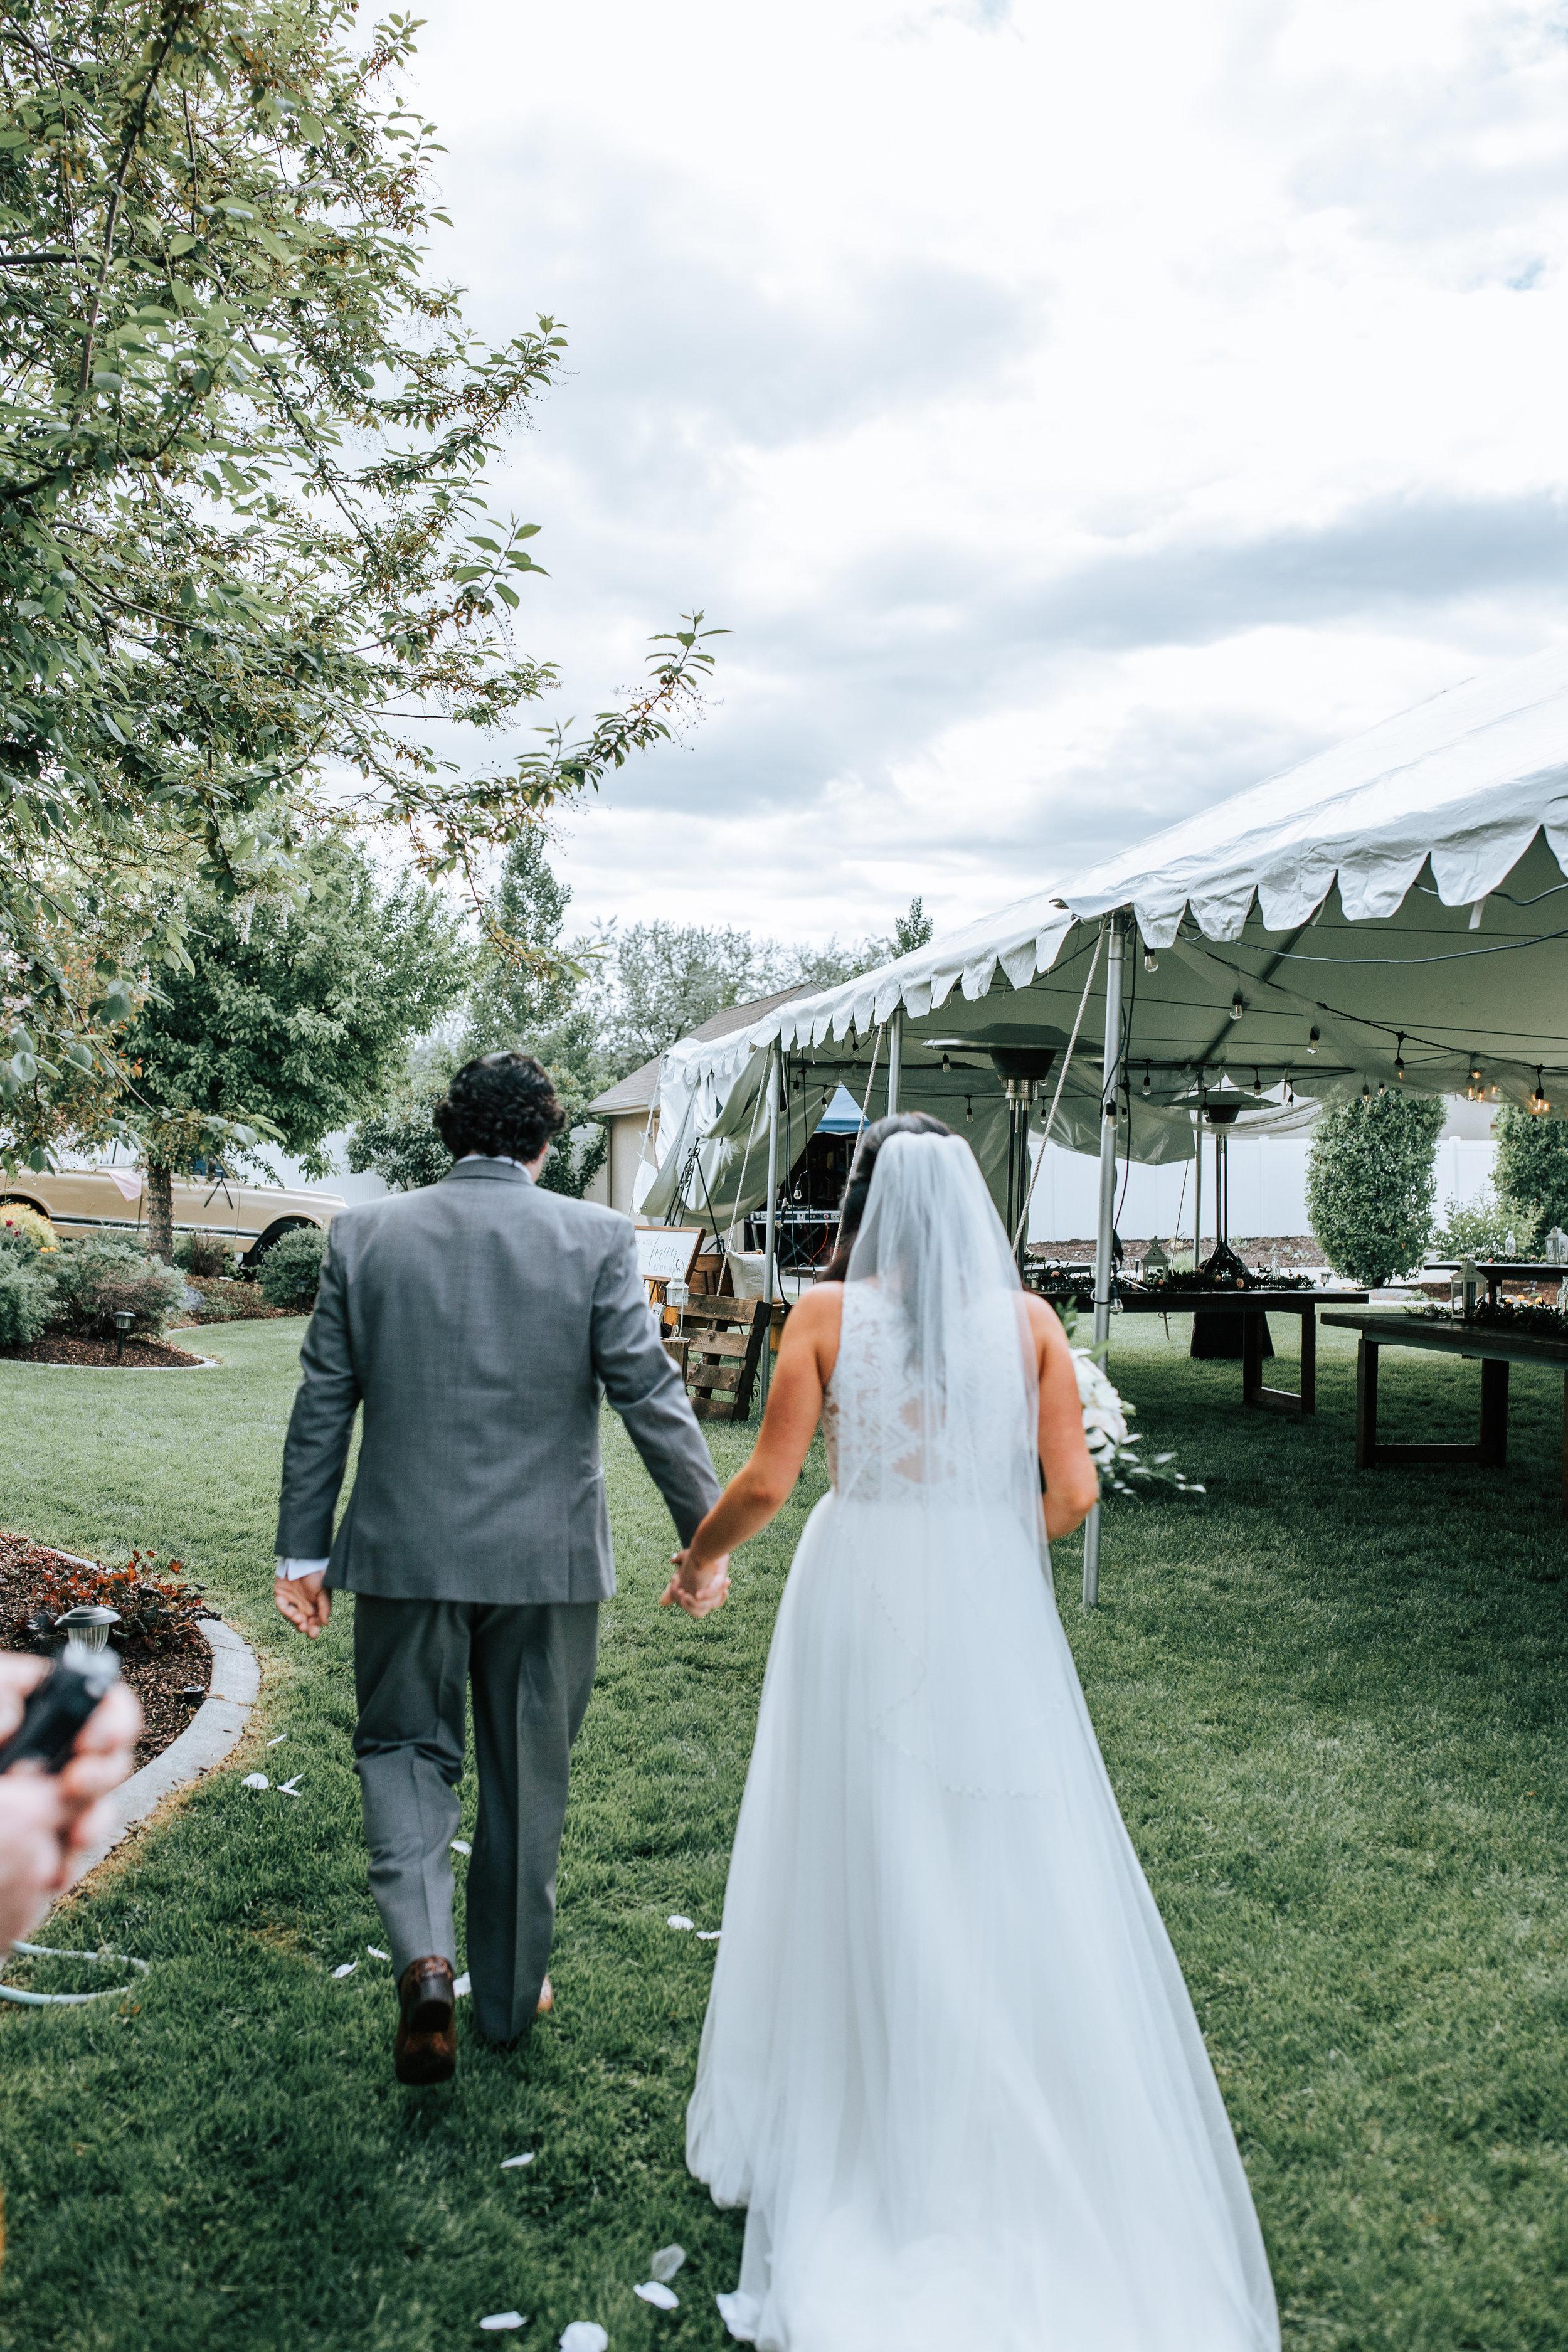 Utah bride and groom exit backyard wedding